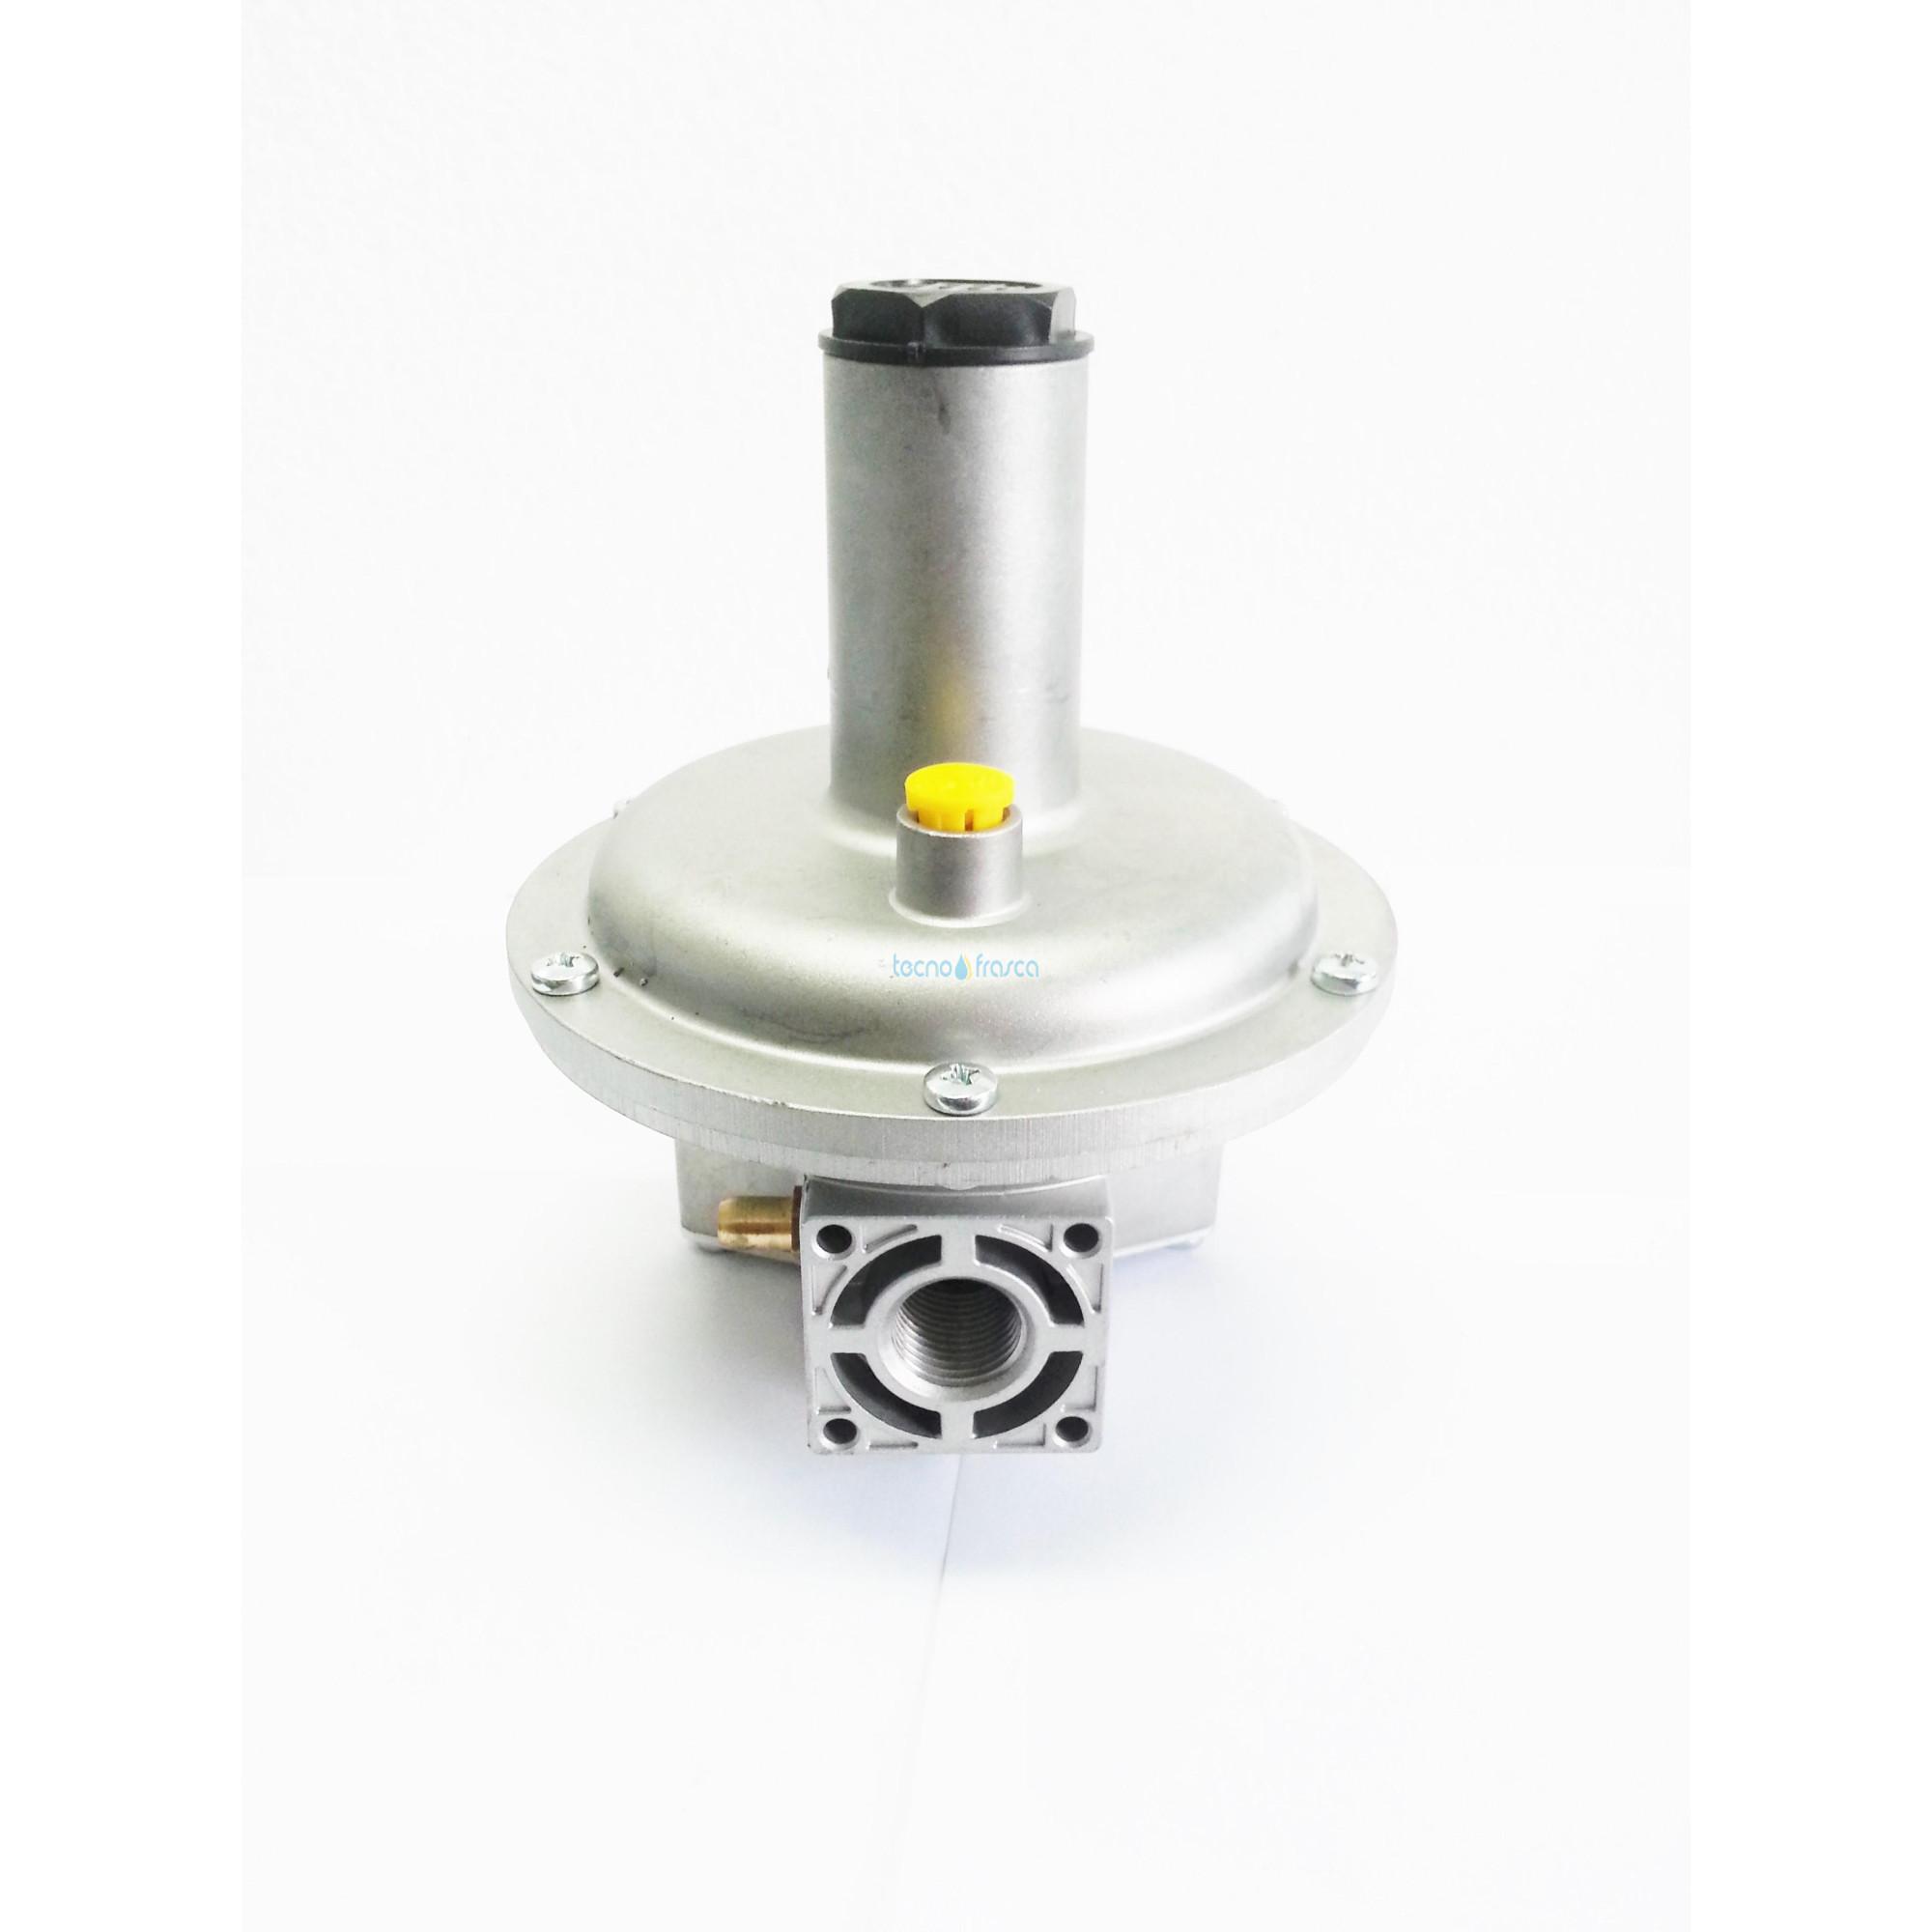 Regolatore con filtro 1/2 fgd15 con molla neutra 10-30mbar